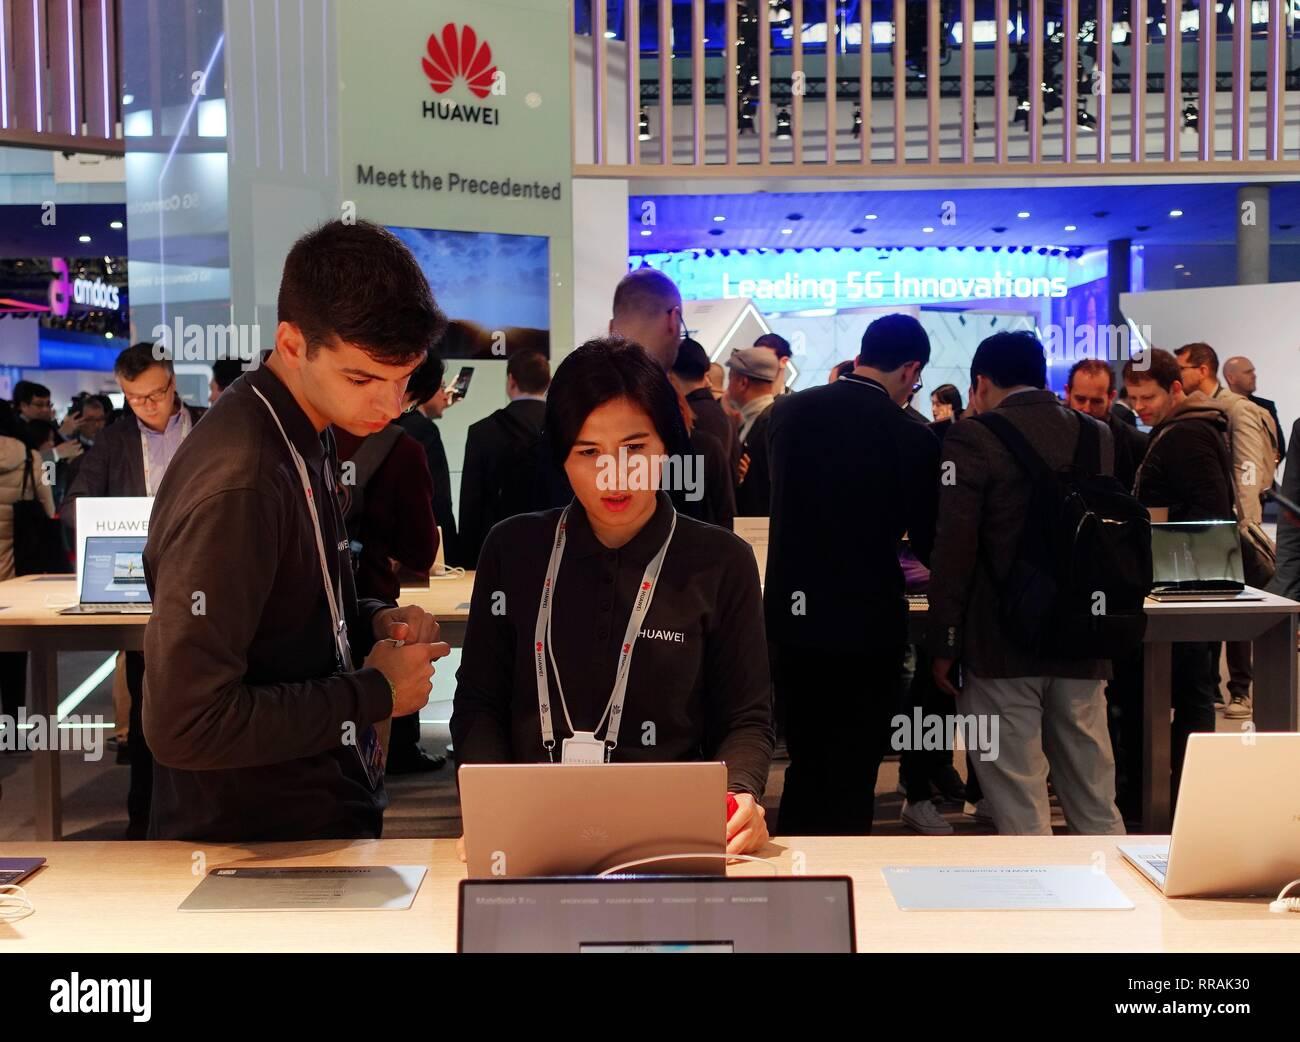 Barcelone, Espagne. Feb 25, 2019. Les personnes sont considérées au stand de l'entreprise tech chinois Huawei au Mobile World Congress 2019 (MWC) à Barcelone, Espagne, le 25 février 2019. Les quatre jours de la CMM 2019 s'est ouverte lundi à Barcelone. Credit: Guo Qiuda/Xinhua/Alamy Live News Banque D'Images